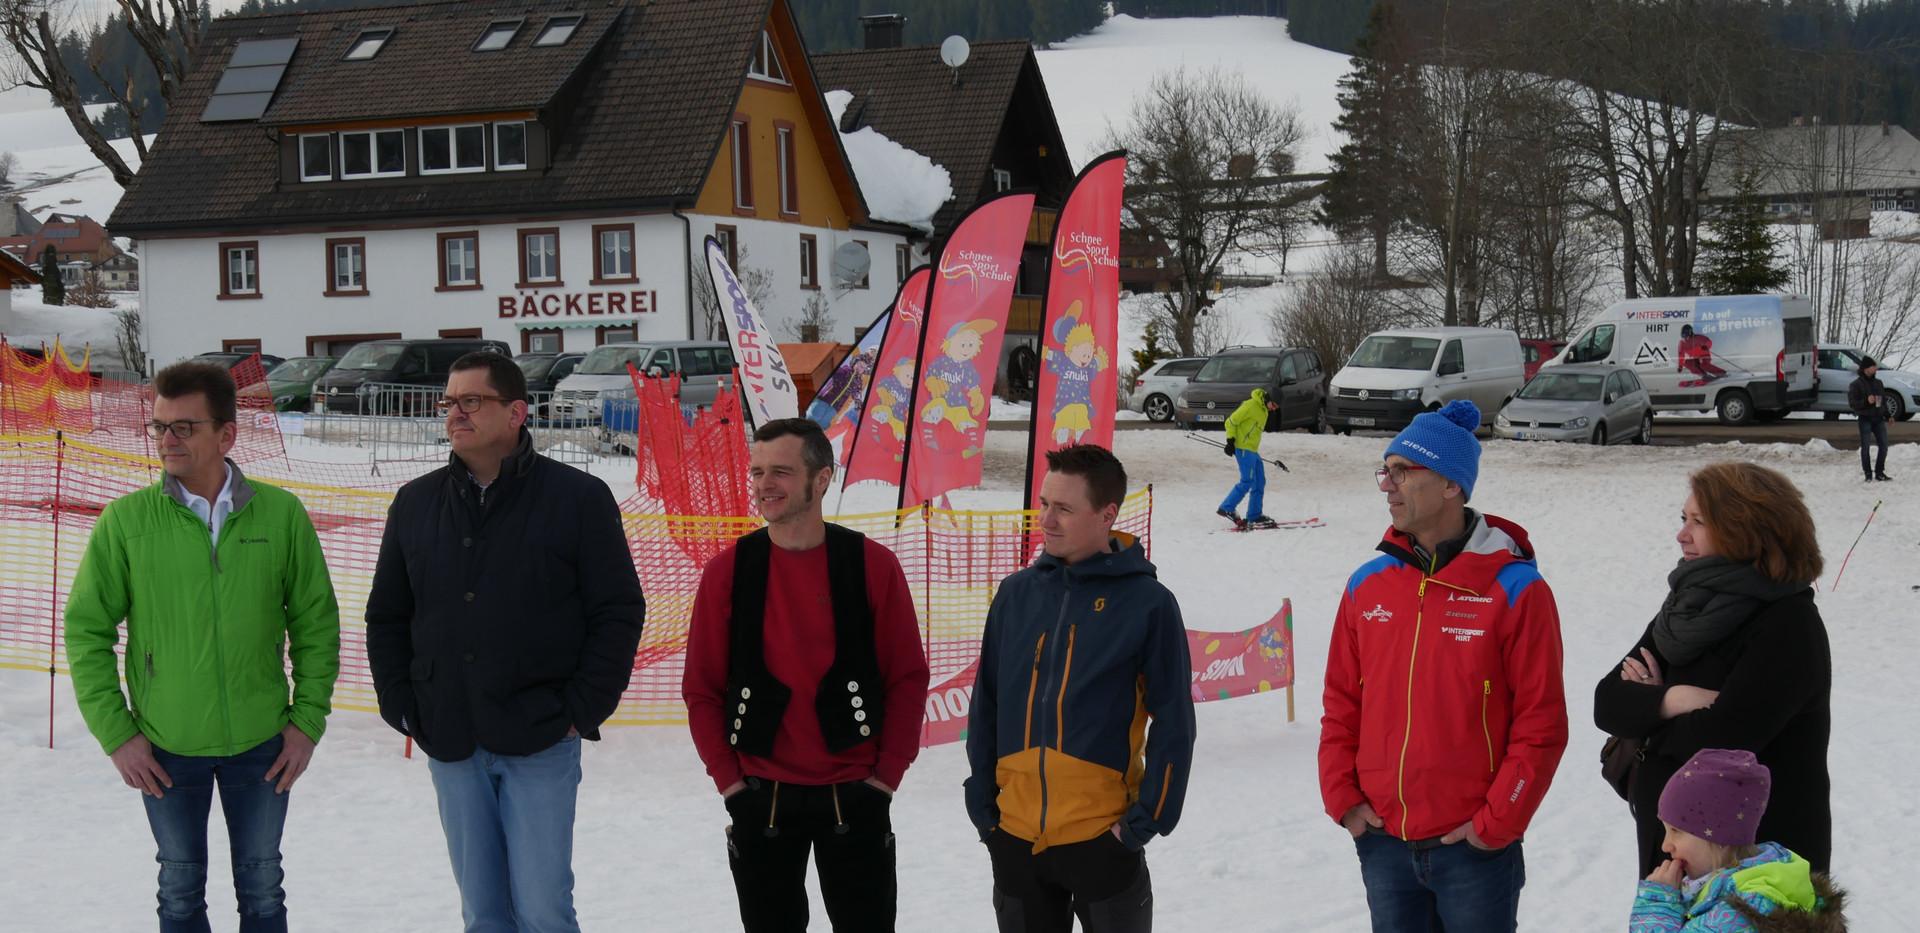 190221_SCN Skikleidung Uebergabe (3).JPG